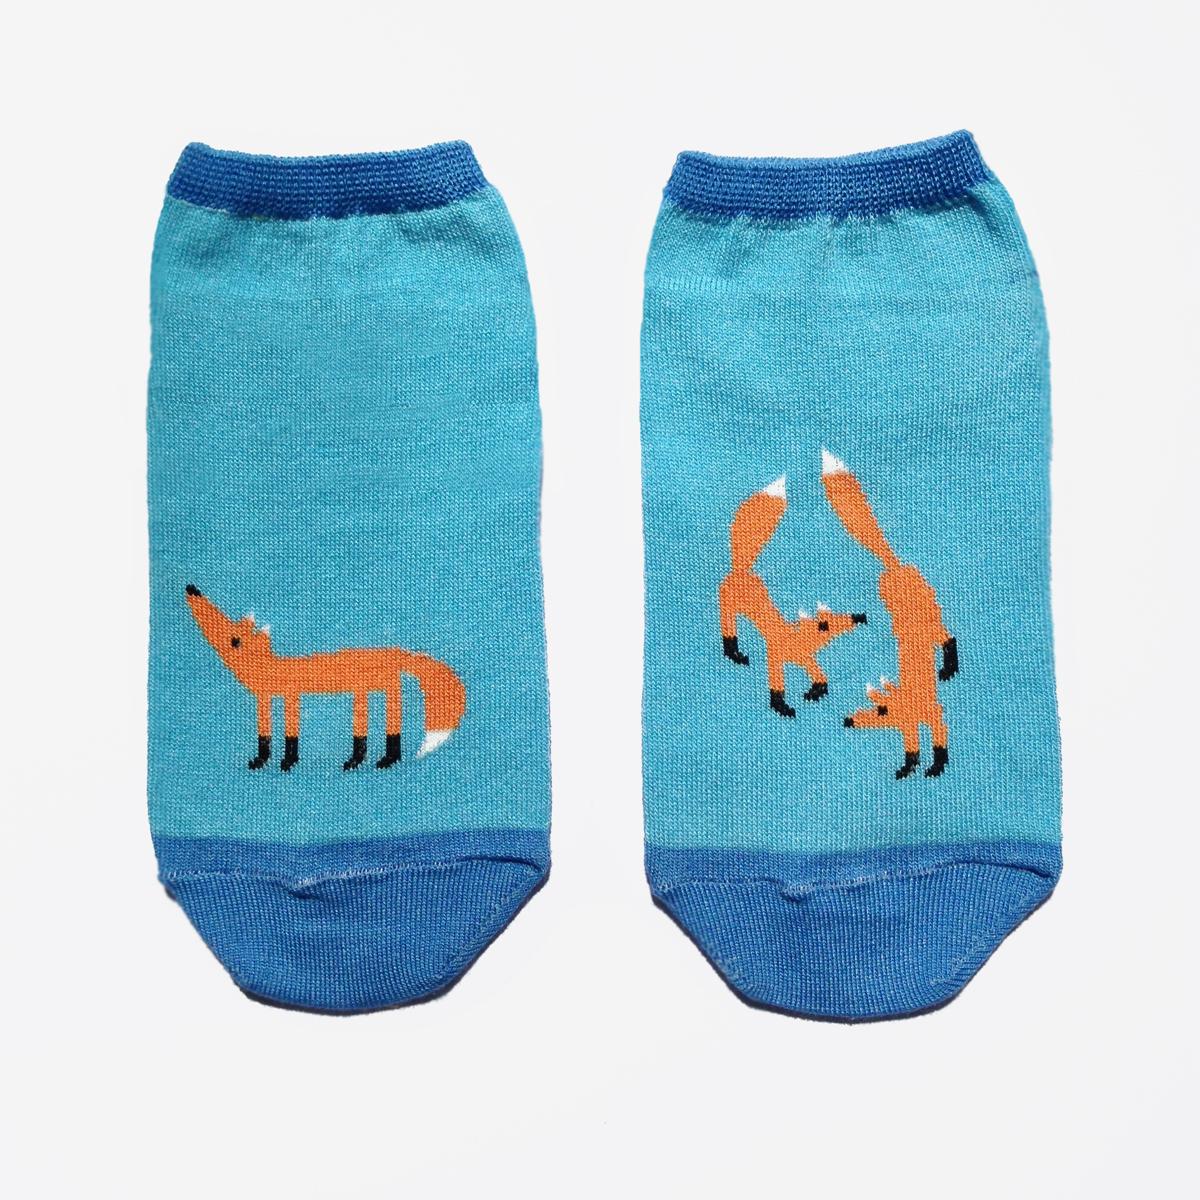 Носкиca1132Укороченные мужские носки Big Bang Socks изготовлены из высококачественного хлопка с добавлением полиамидных и эластановых волокон, которые обеспечивают великолепную посадку. Носки отличаются ярким стильным дизайном, они оформлены изображением лисичек. Удобная резинка идеально облегает ногу и не пережимает сосуды, а усиленные пятка и мысок повышают износоустойчивость носка. Дизайнерские носки Big Bang Socks - яркая деталь в вашем образе и оригинальный подарок для друзей и близких.